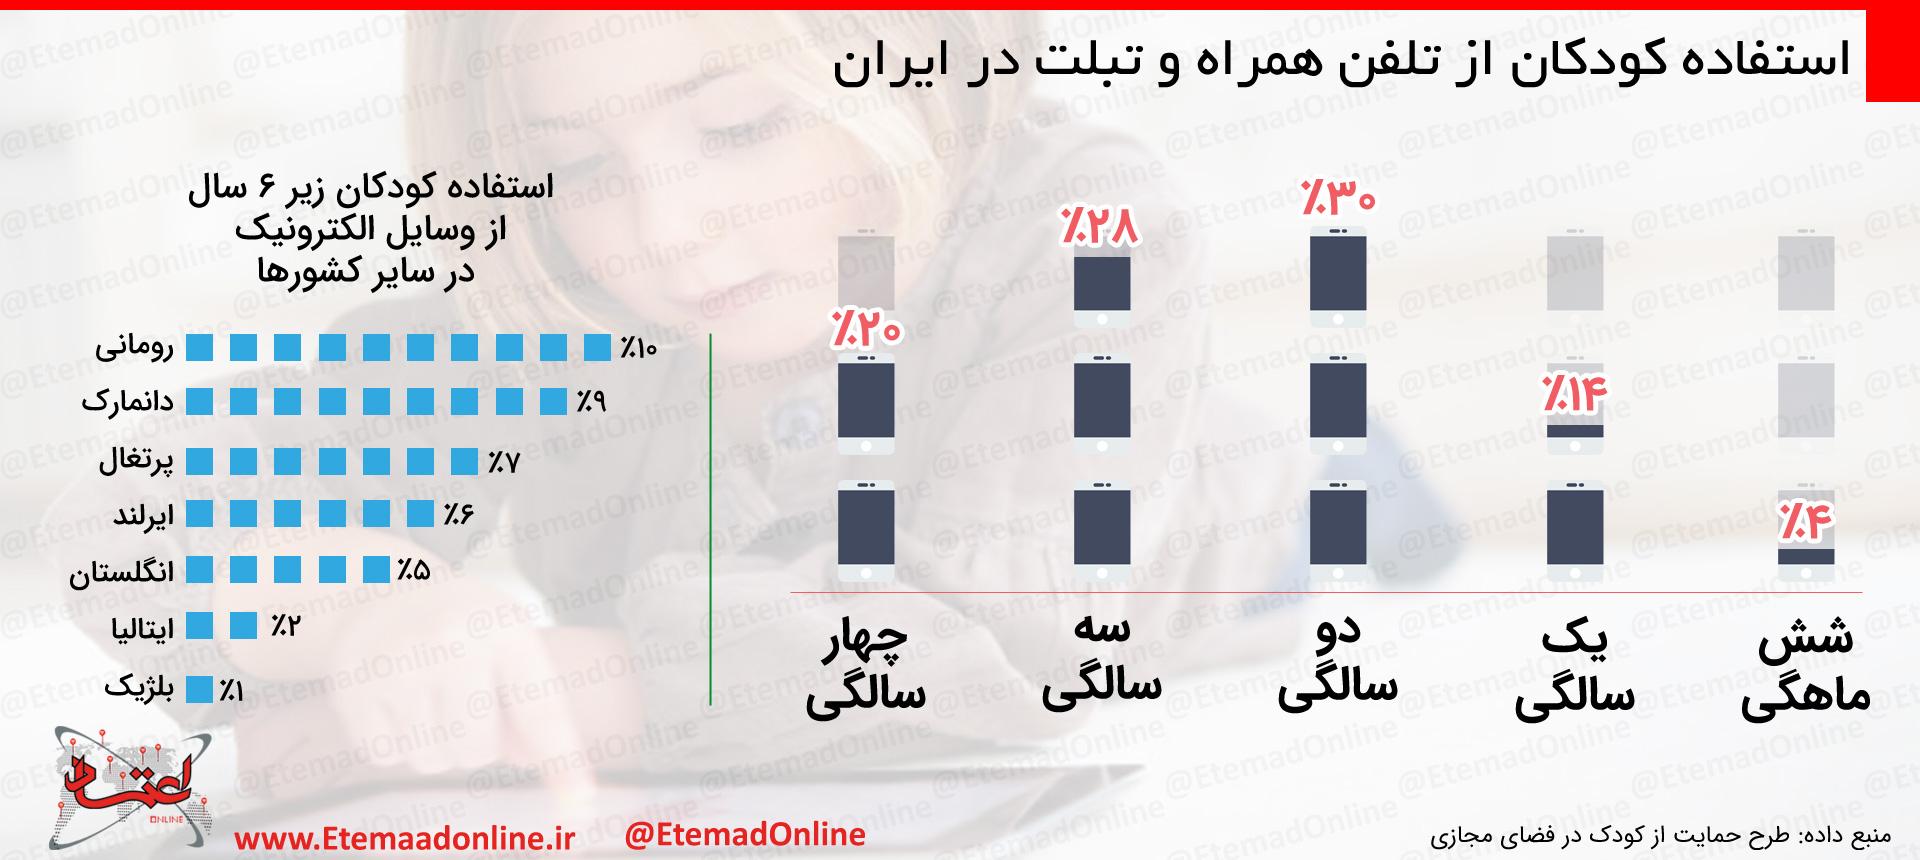 66 درصد کودکان 3 تا 5 سال در ایران از موبایل و تبلت استفاده میکنند